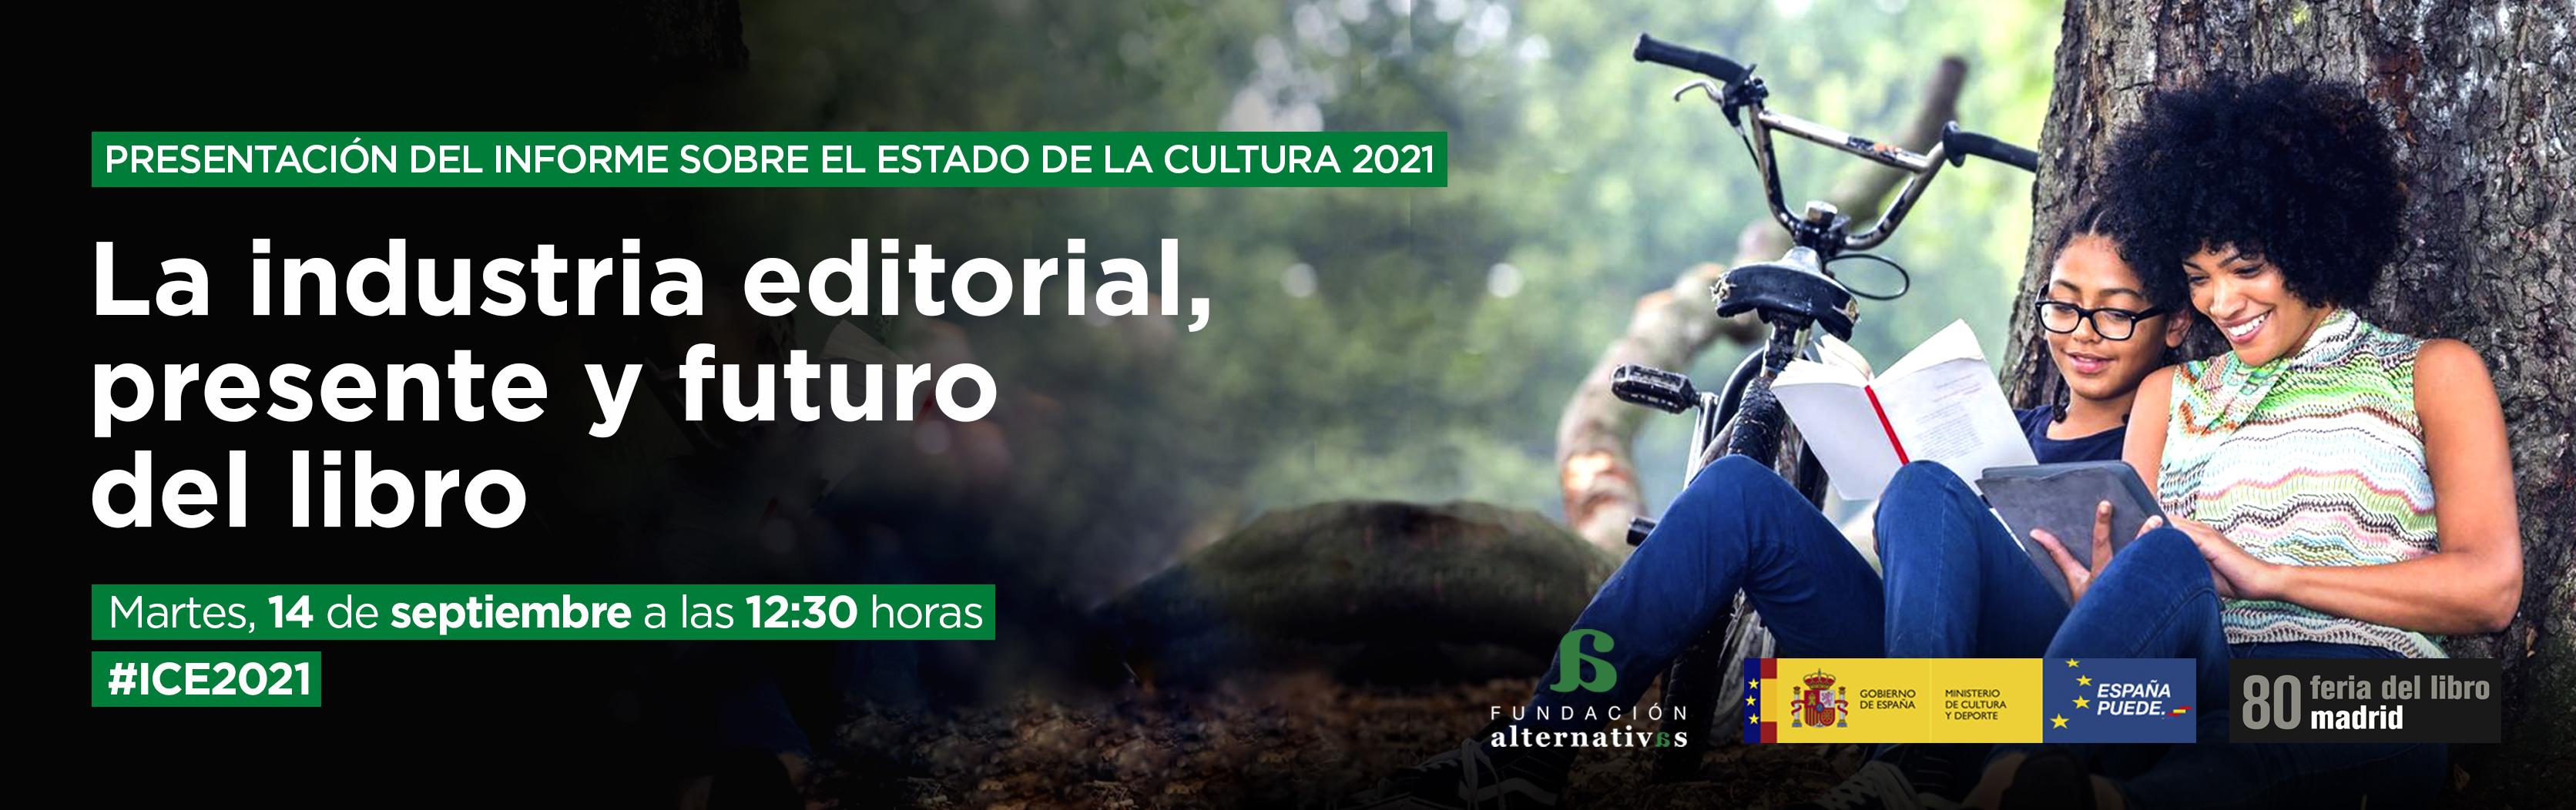 Ana Gallego Cuiñas, catedrática de Literatura Latinoamericana de la UGR, presenta el Informe sobre el Estado de la Cultura en España en la Feria del Libro de Madrid